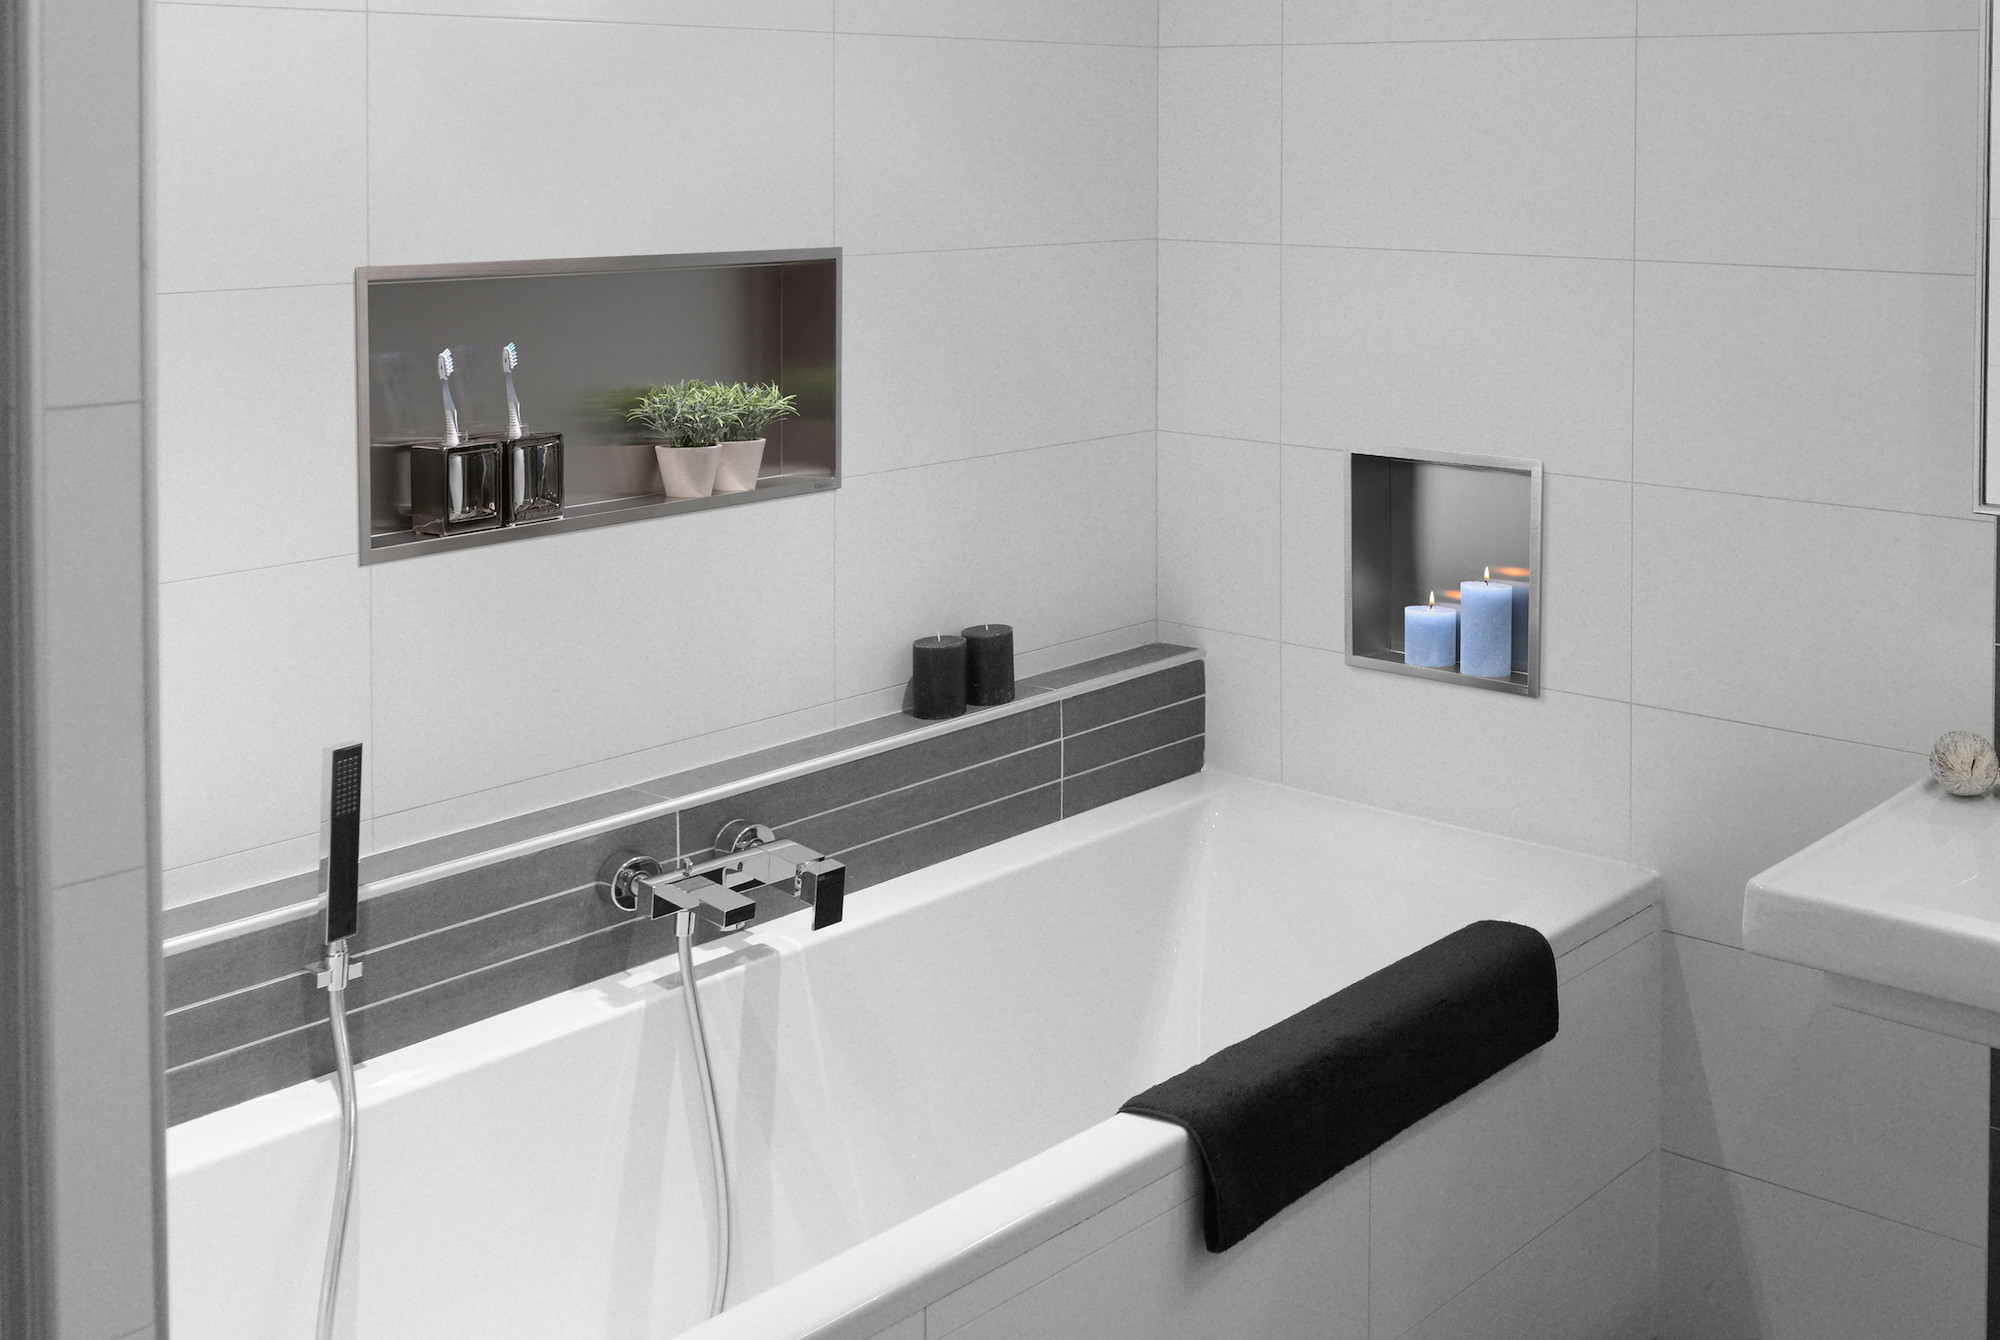 Wandnische bei Badewanne; Nische in Wand Badezimmer - edlesbad.ch